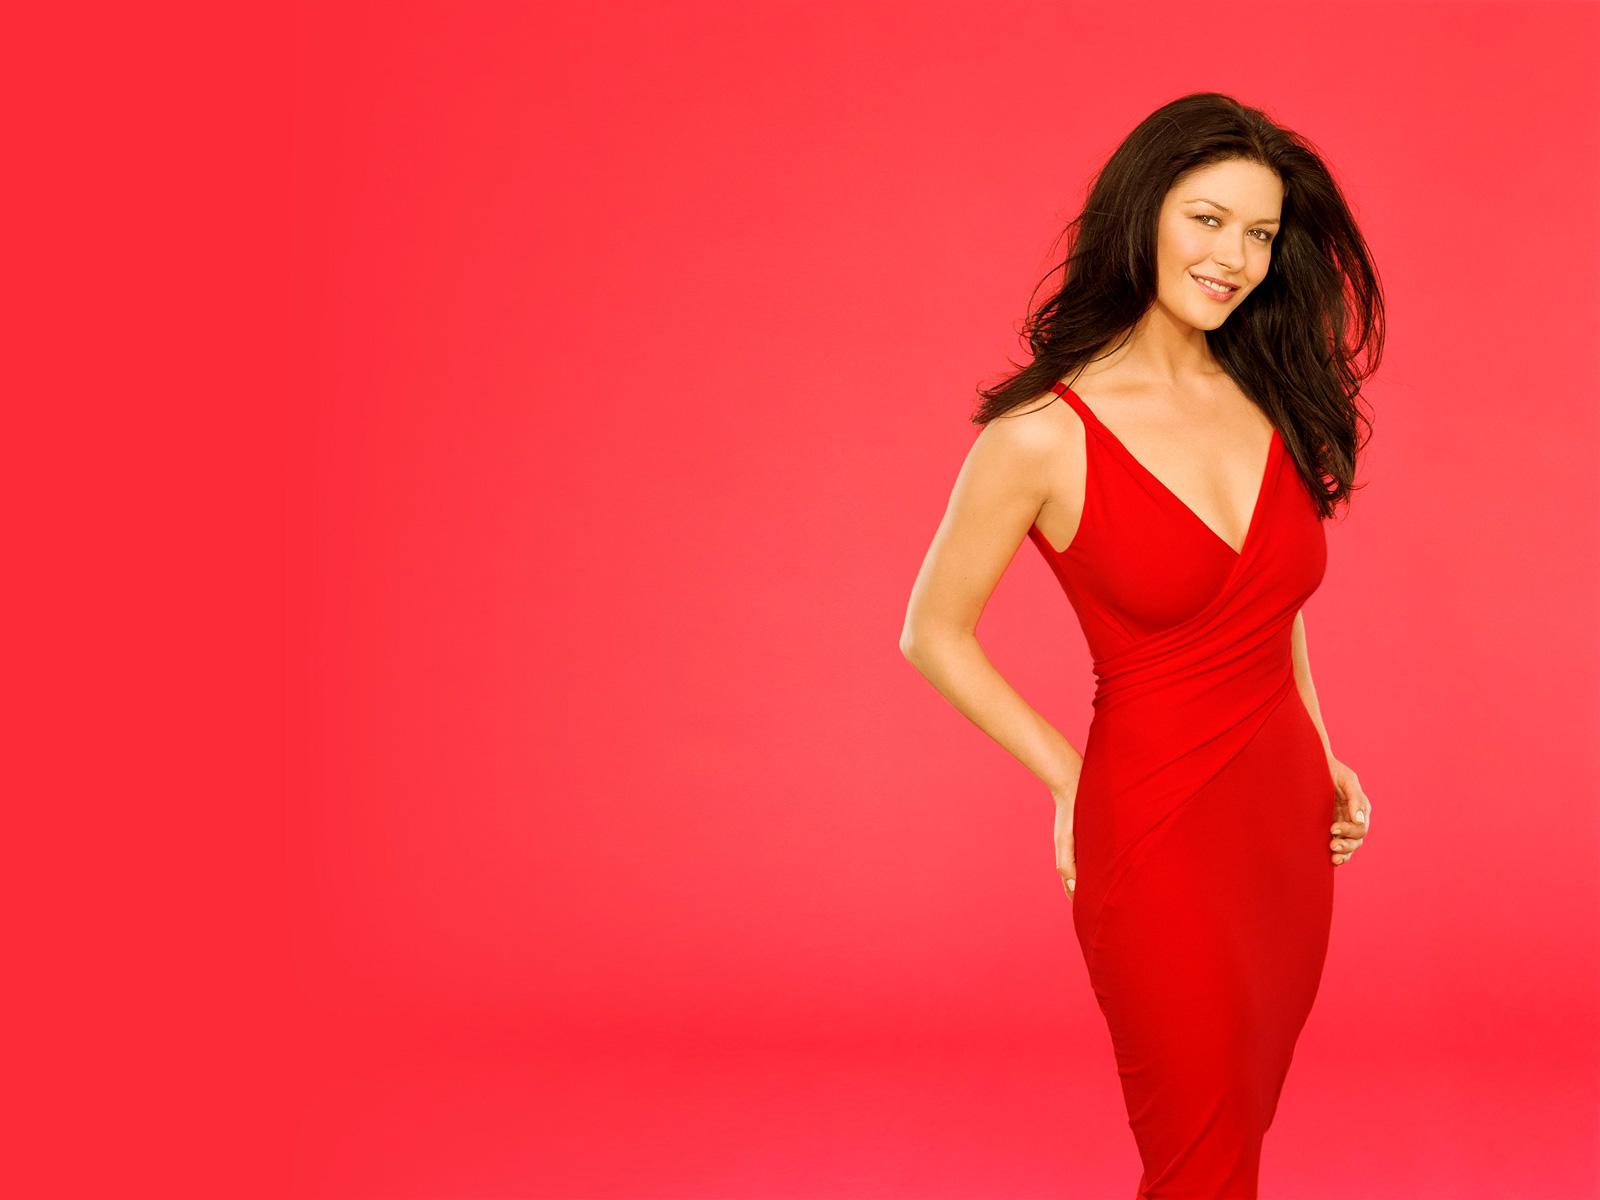 http://3.bp.blogspot.com/-6uT4GuB3t04/TzhCxmpNXcI/AAAAAAAAC8Q/hZVGnN-WL2M/s1600/Celebrities+HD+Wallpapers-+actressadda+(2).jpg